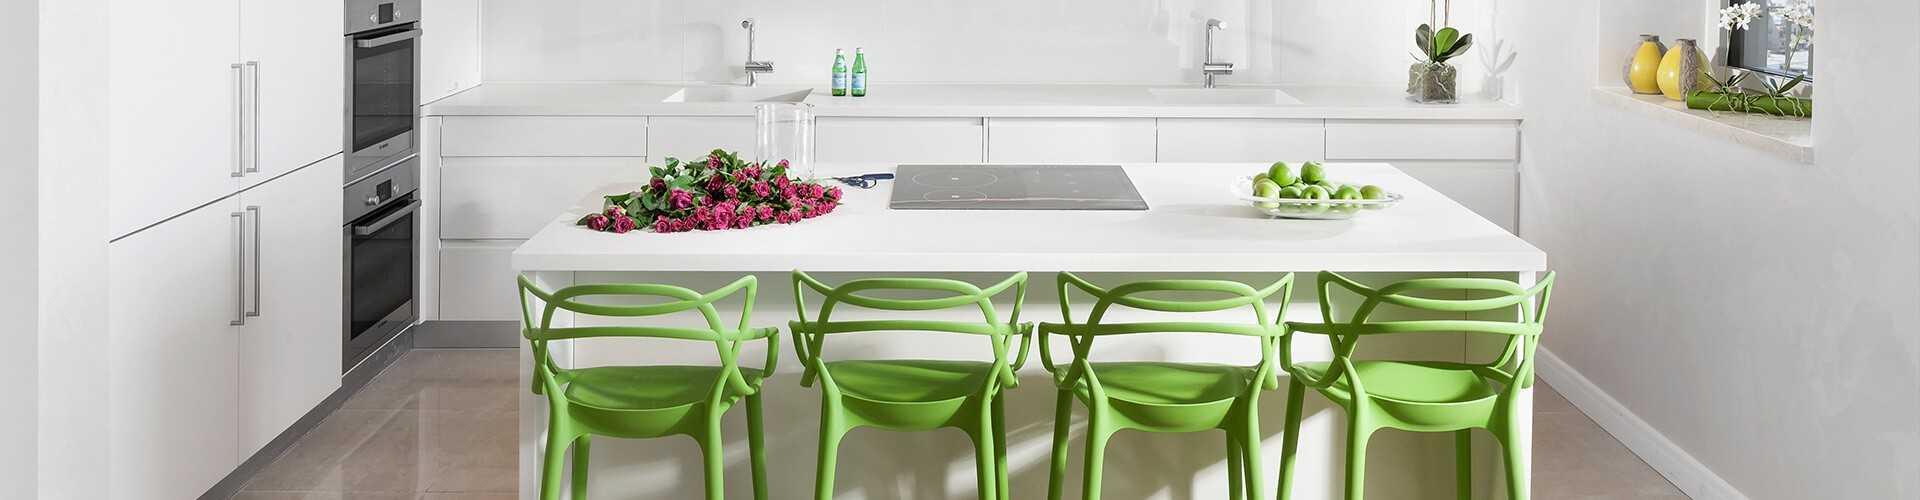 אי מטבח מרכזי עם 4 כסאות ירוקים